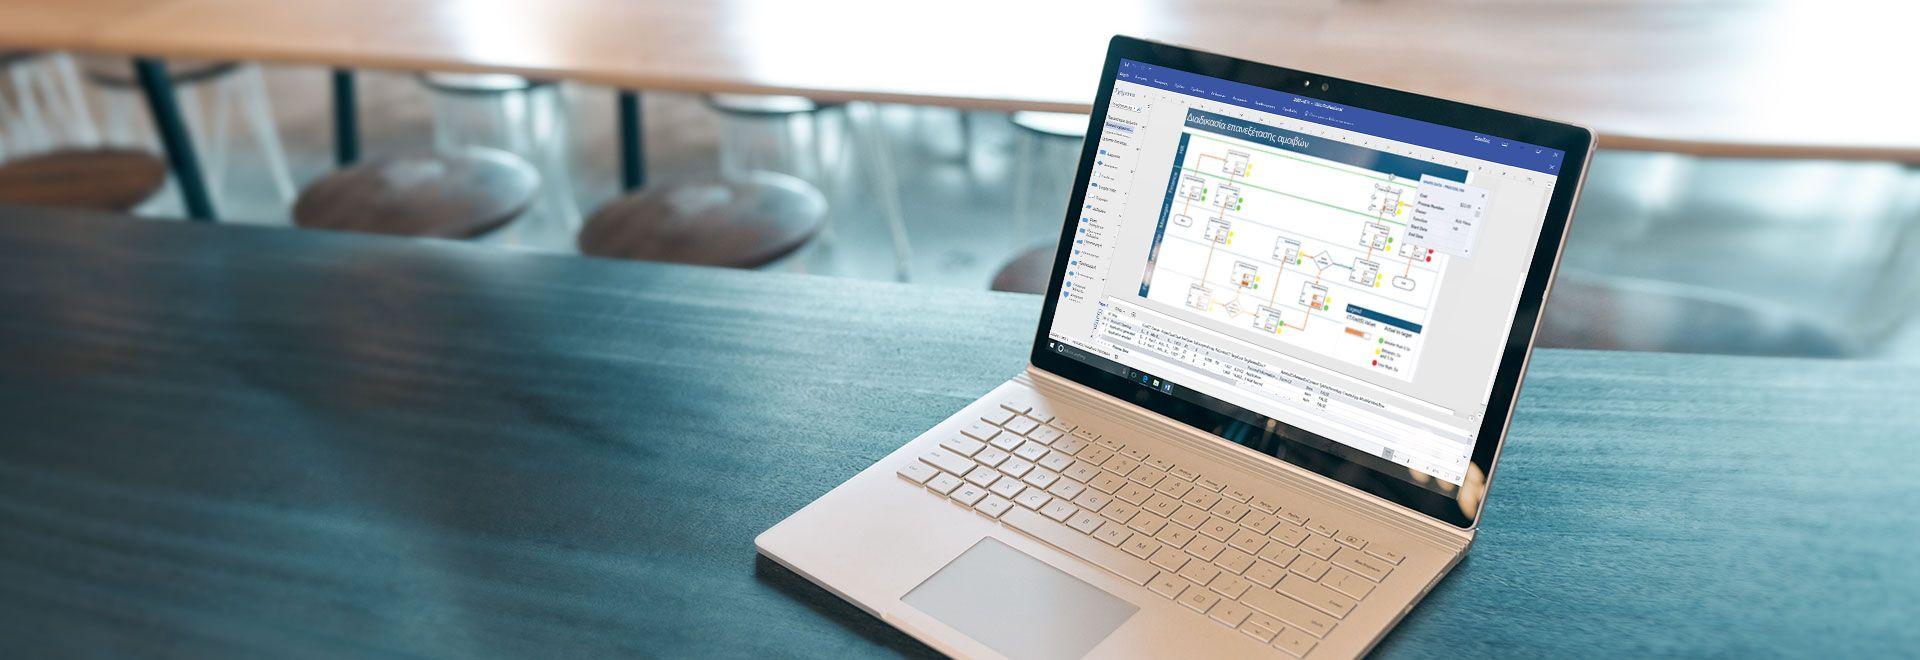 Φορητός υπολογιστής που εμφανίζει ένα διάγραμμα ροής εργασιών διεργασίας στο Visio